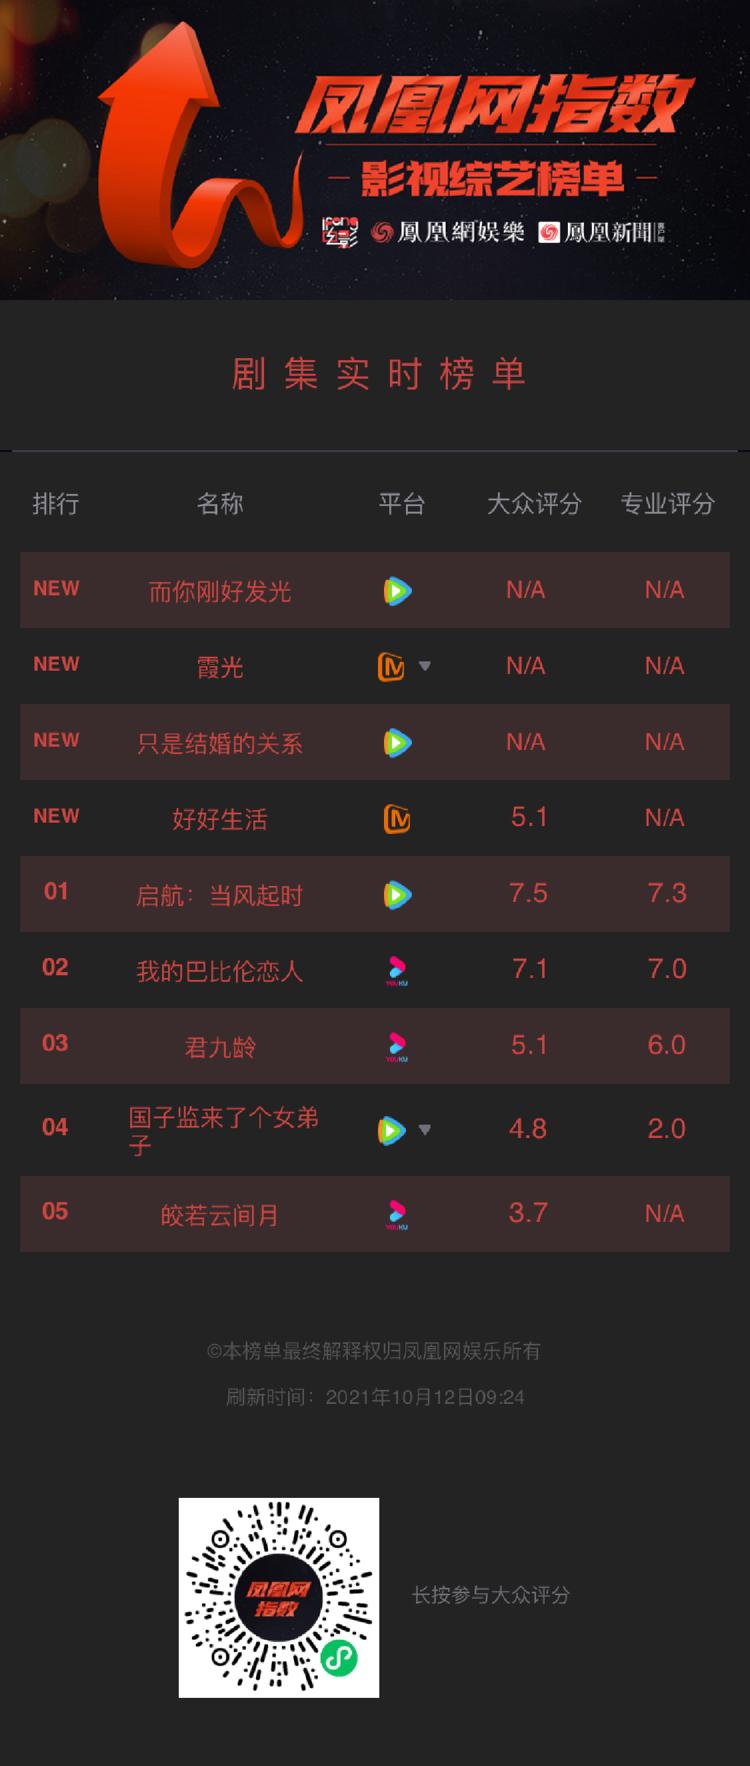 凤凰网指数《好好生活》开分5.1,《皎若云间月》开分3.7暂时垫底